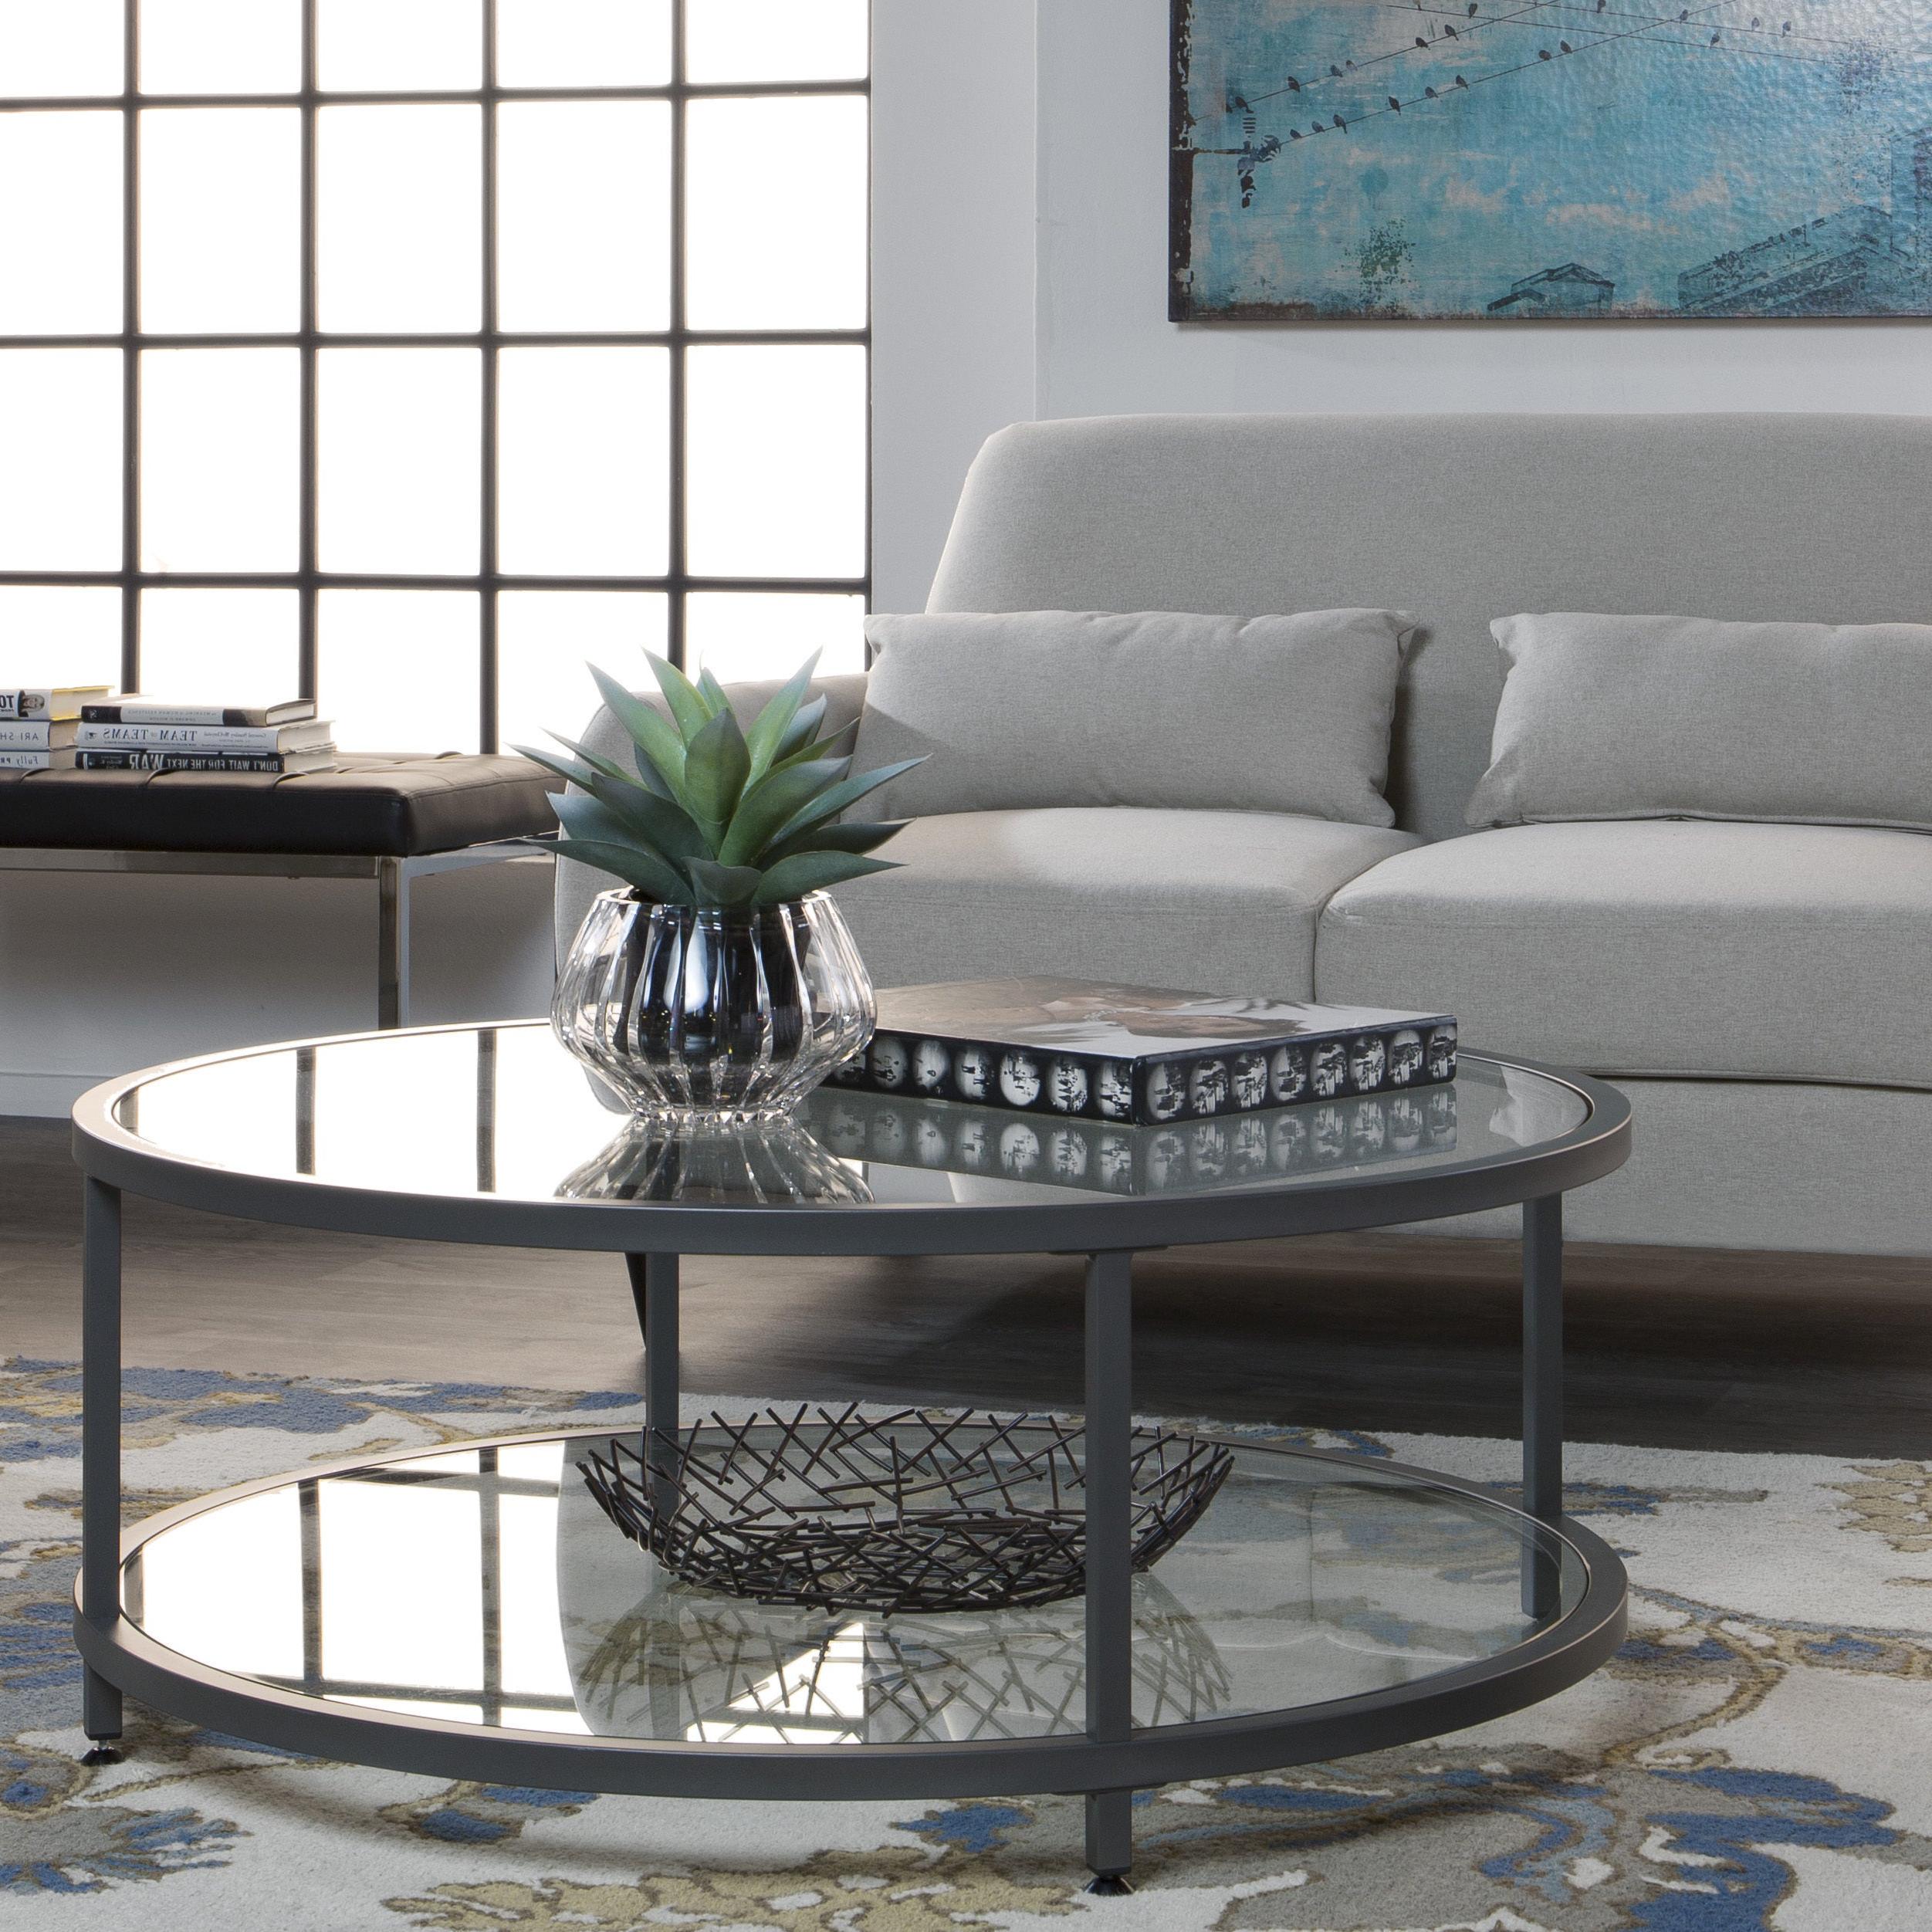 2020 Carbon Loft Heimlich Pewter Steel/glass Round Coffee Tables Regarding Carbon Loft Heimlich Pewter Steel/glass Round Coffee Table (Gallery 1 of 20)